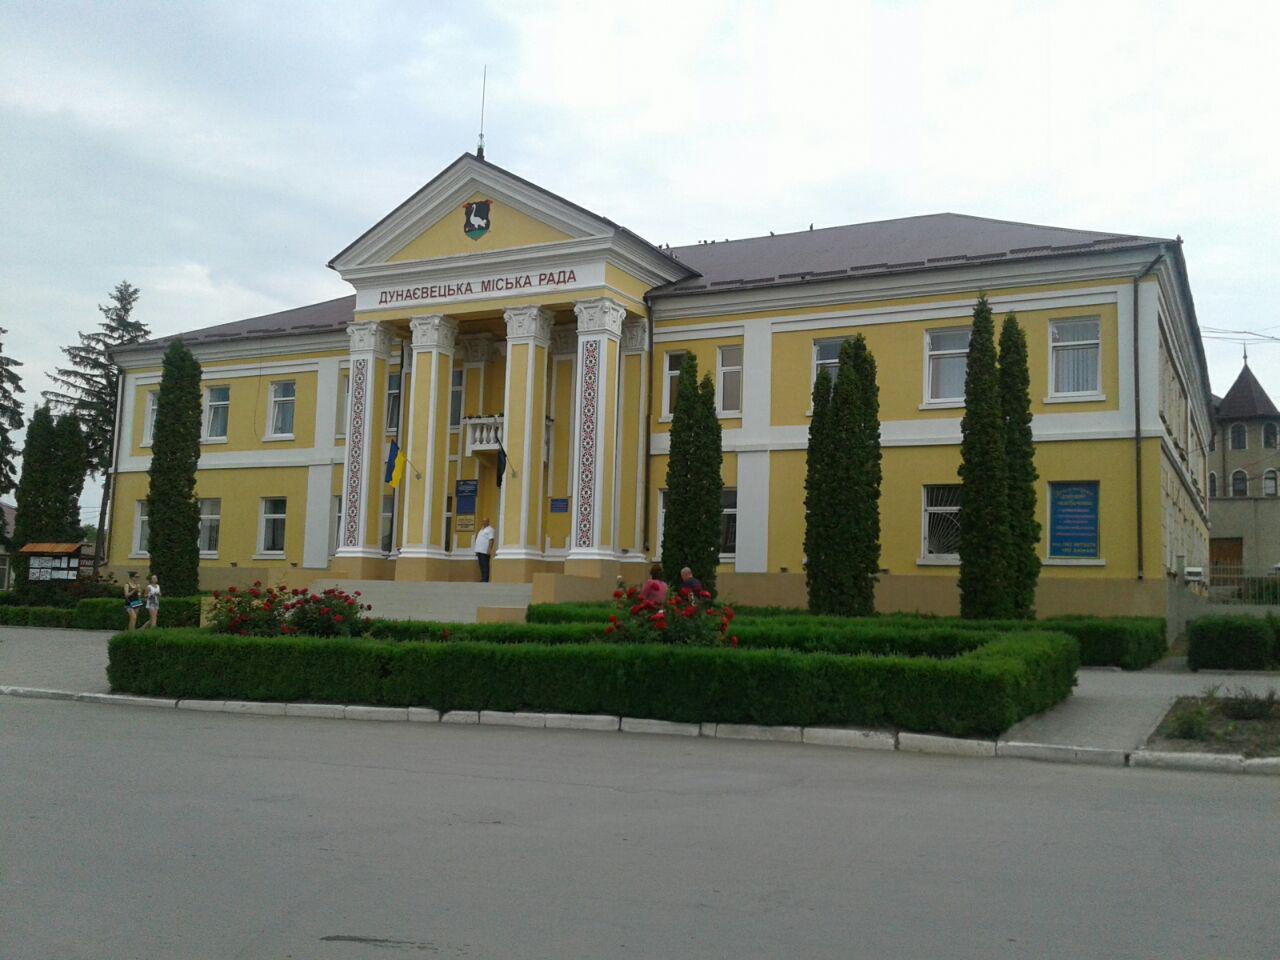 Дунаєвецька міська рада